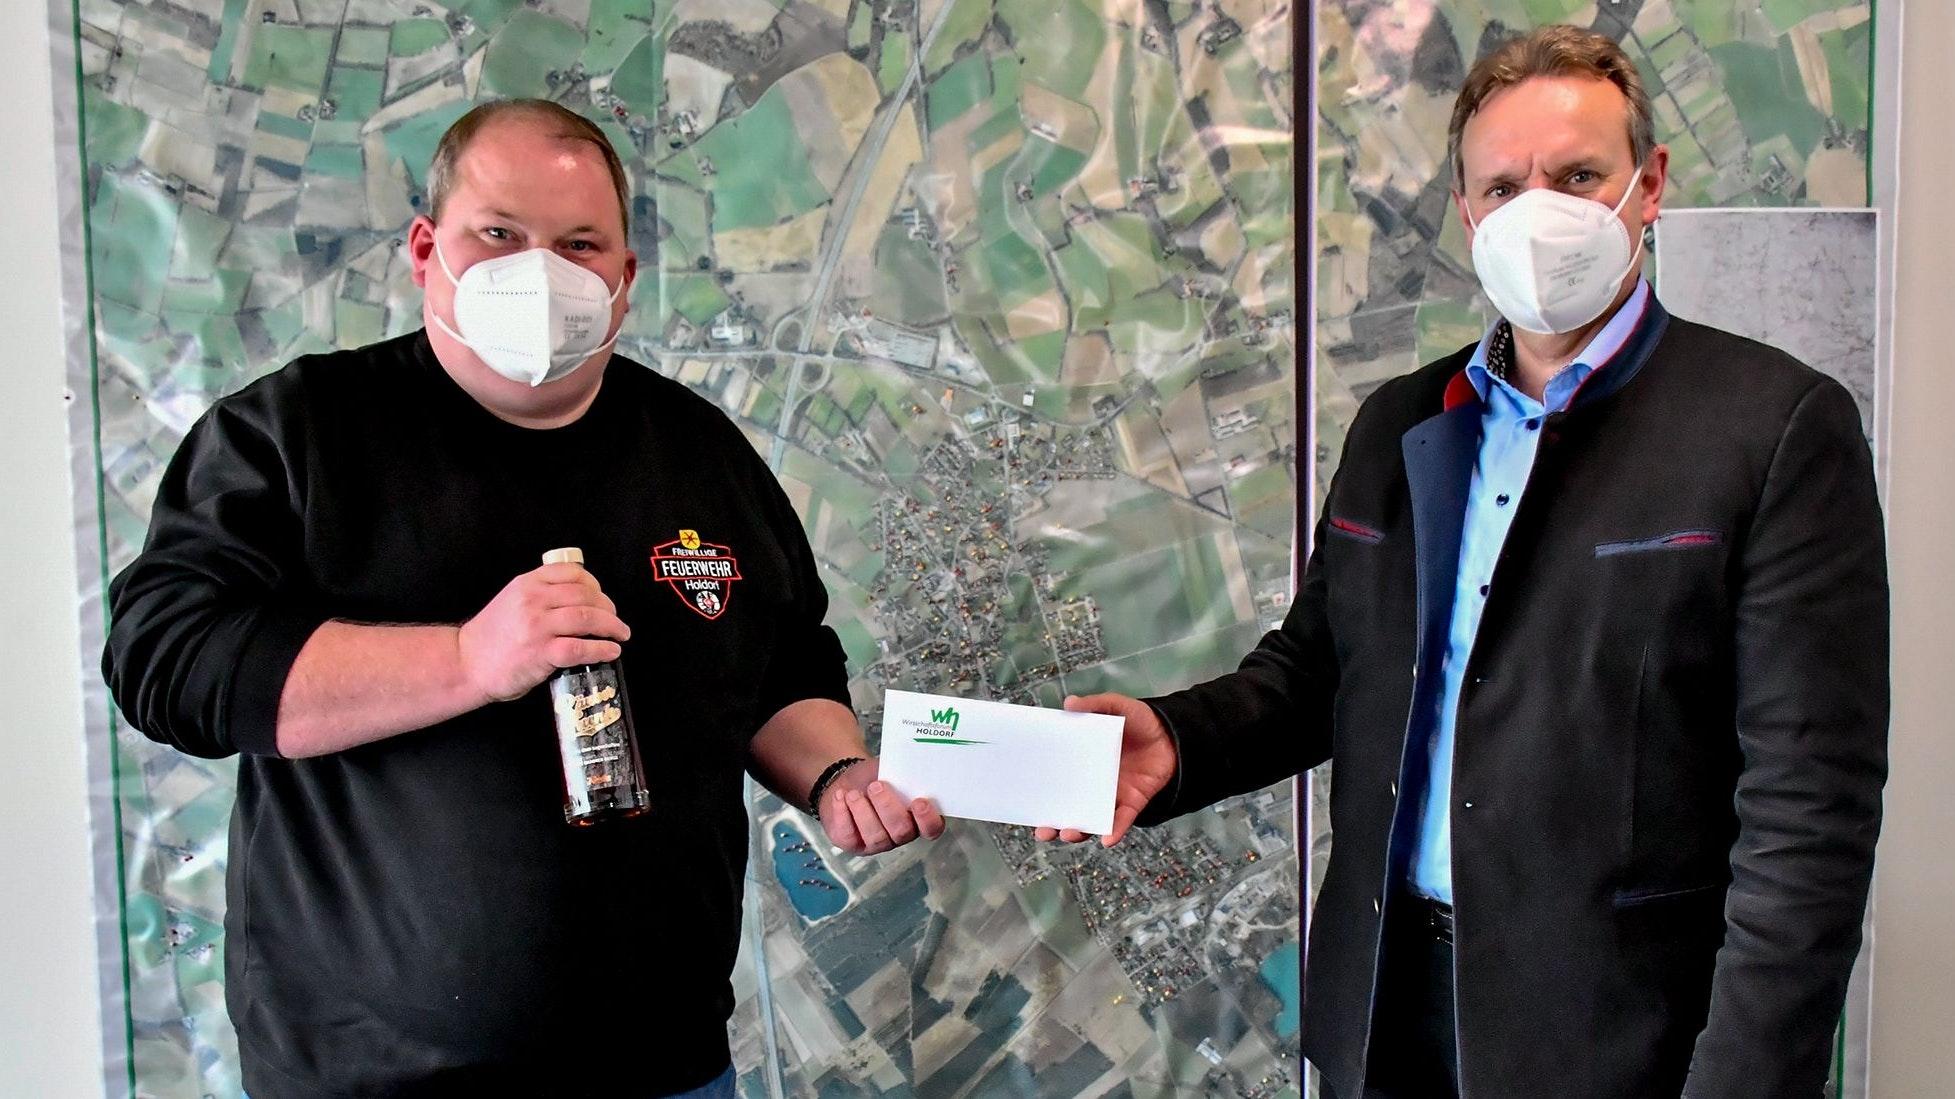 Ein Coronaheld (links): Bürgermeister Dr. Wolfgang Krug (rechts) dankt Jens Lindemann mit einer Flasche Räubertrunk und einem Gutschein des Holdorfer Wirtschaftsforums für den engagierten Einsatz. Foto: Vollmer